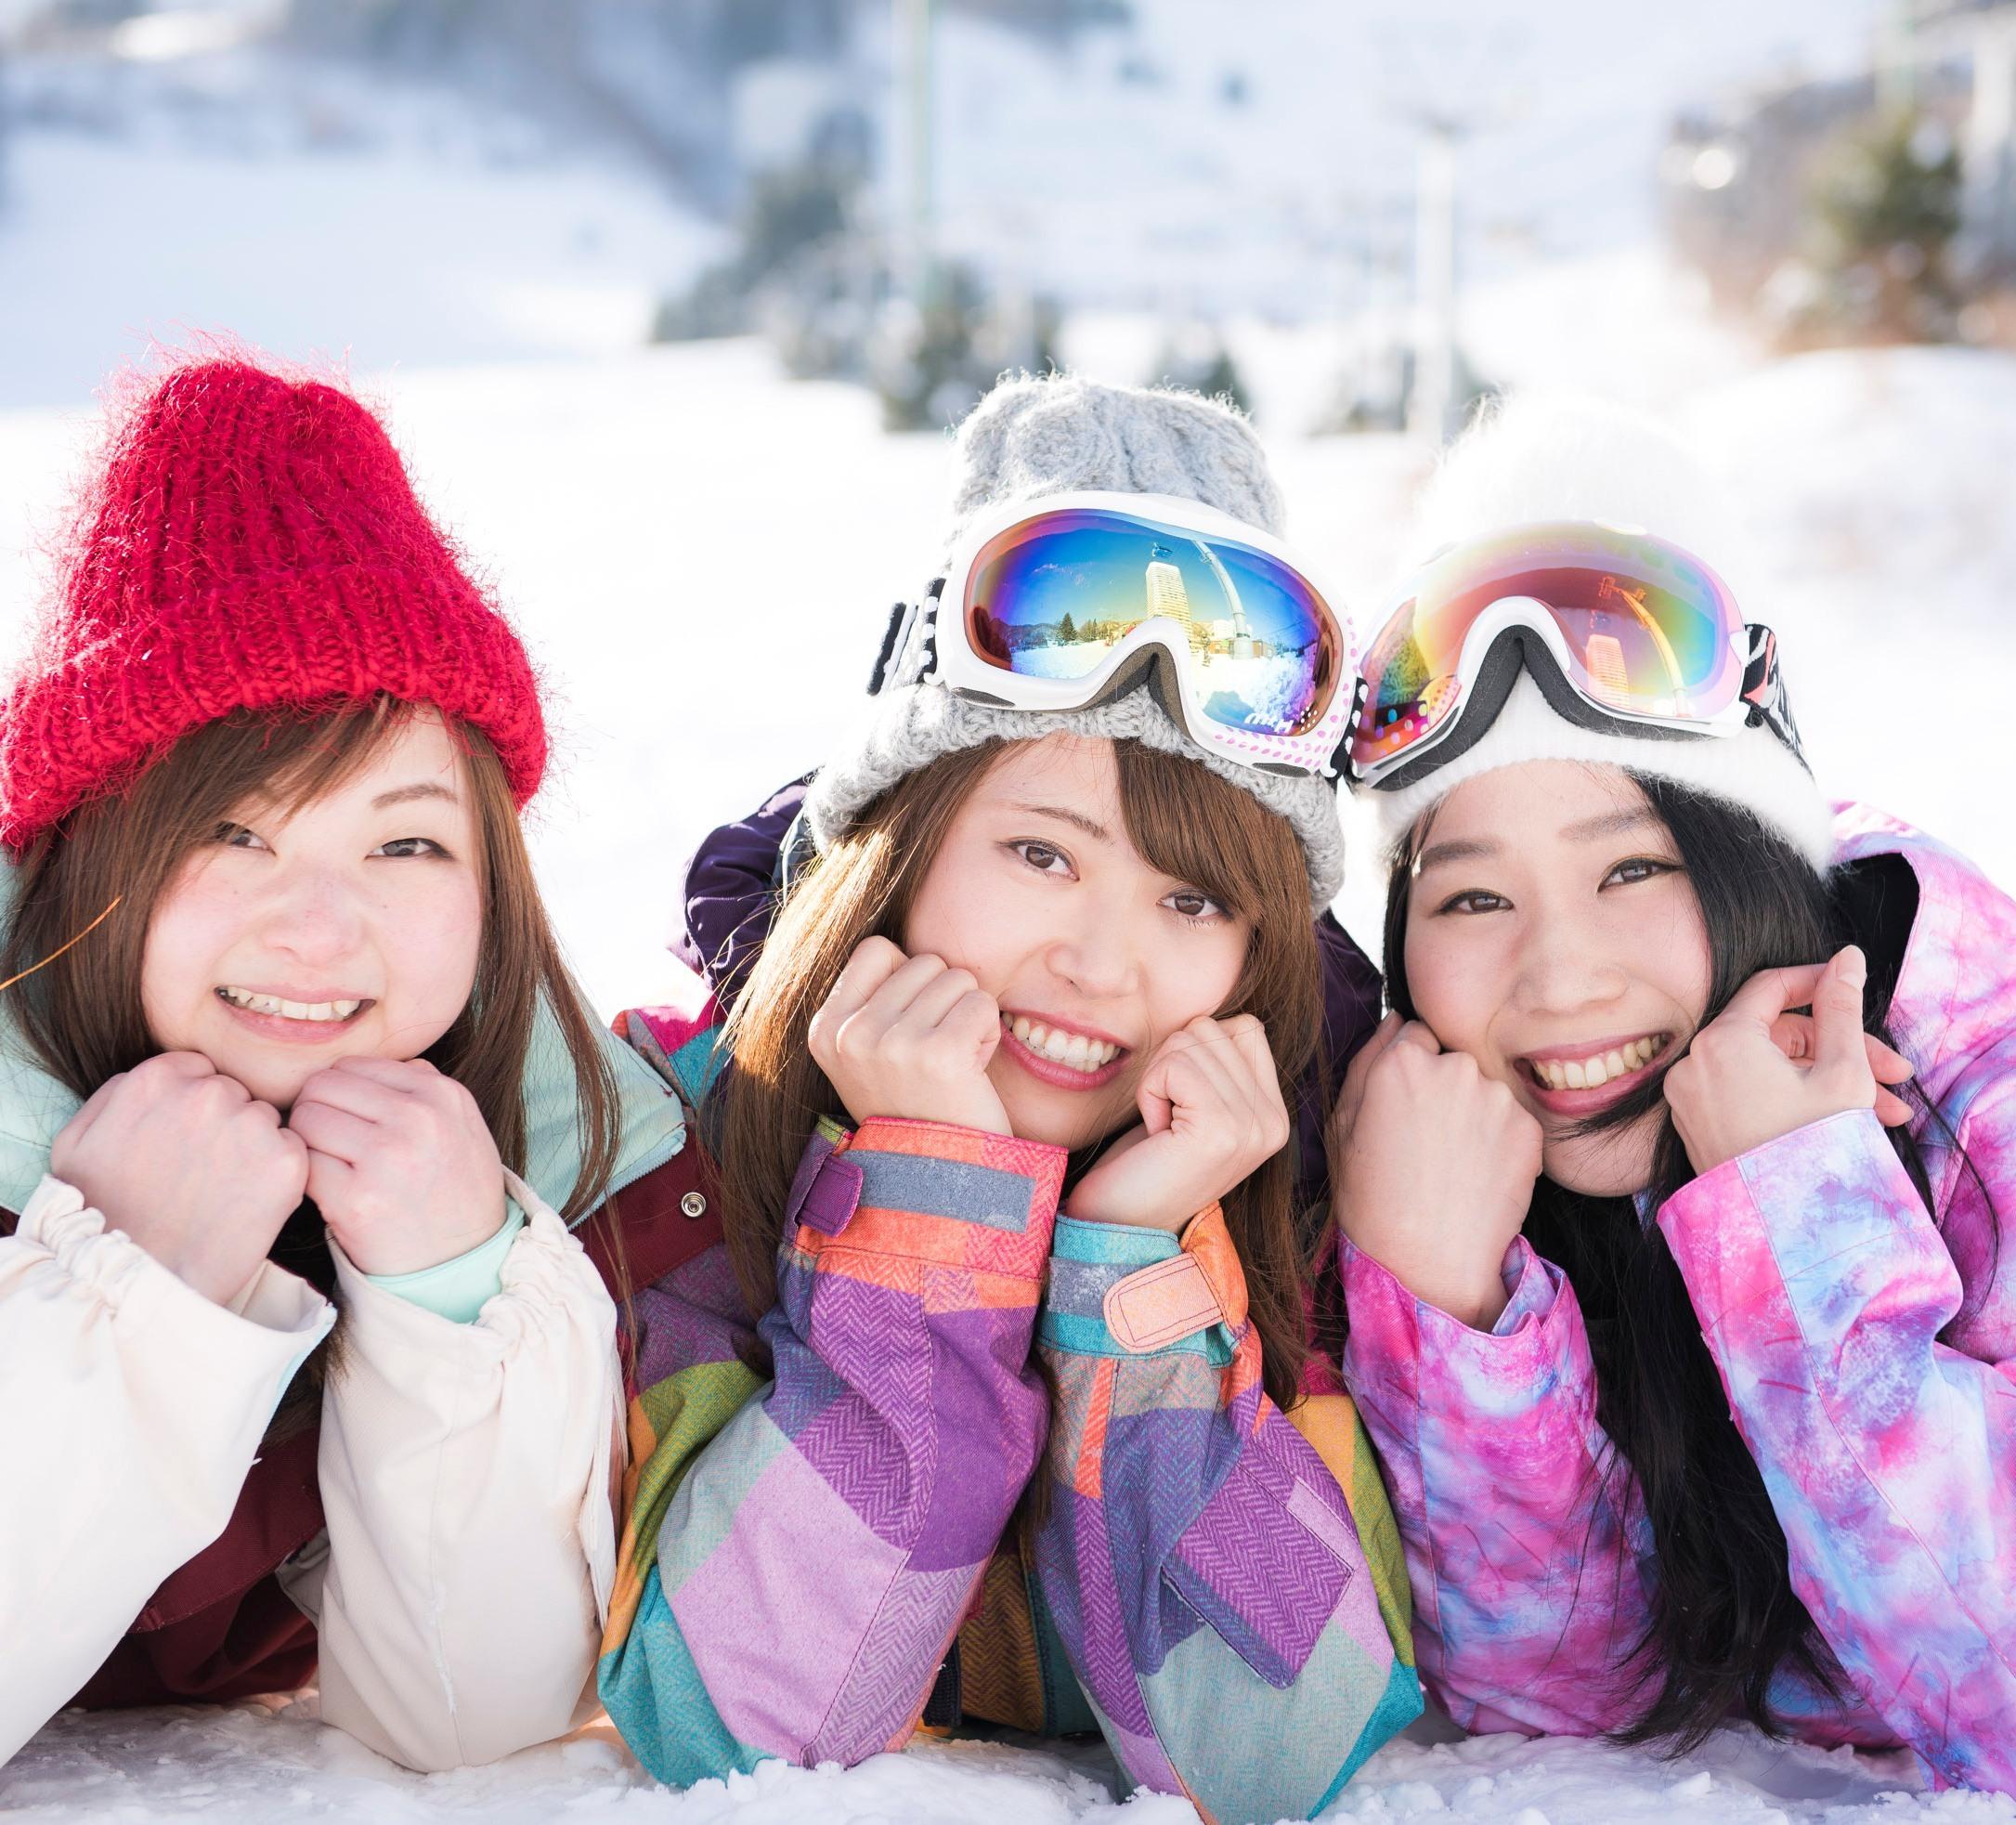 「冬が胸にきた」の桜井日奈子ちゃんを<br />探しに「俺が雪山にきた」<br />【仲良しグループ編】